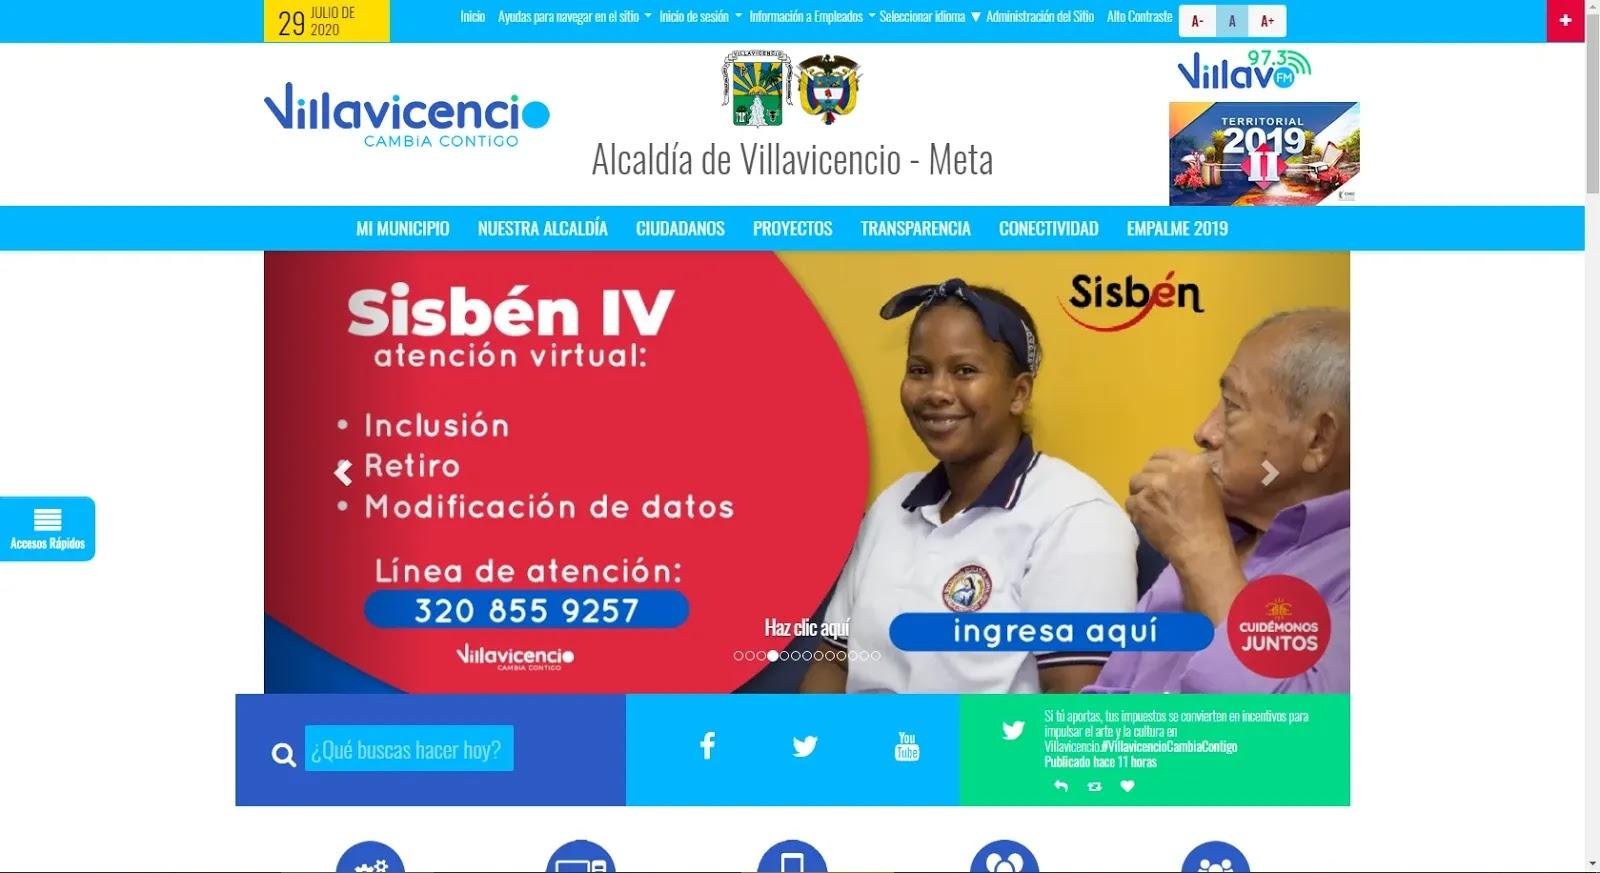 A partir de esta semana, la atención del Sisbén en Villavicencio vuelve a ser únicamente virtual y solo en tres casos específicos